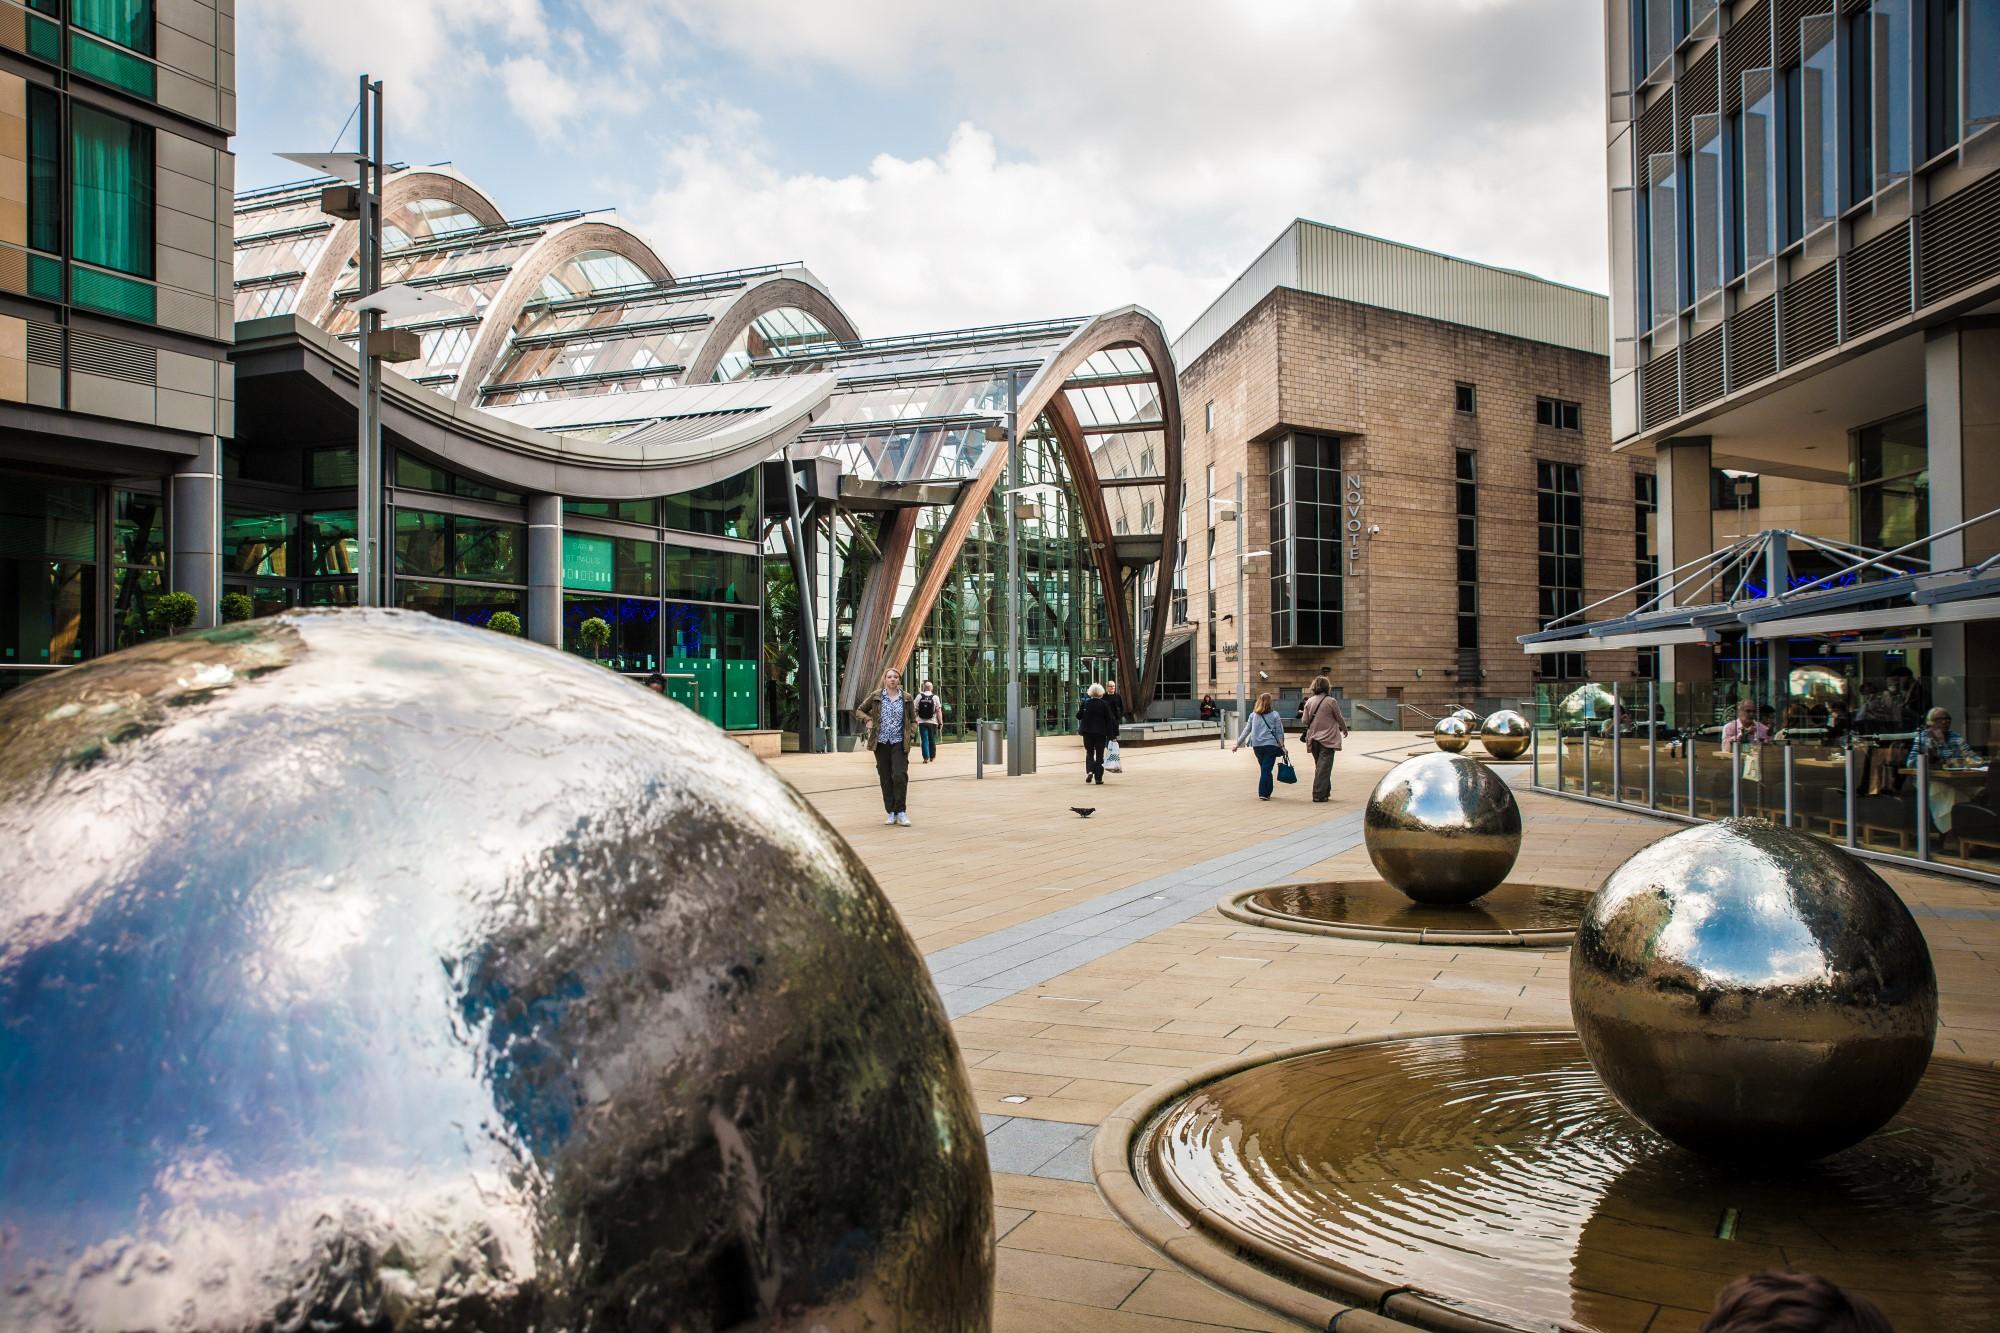 Looking through Millennium Square